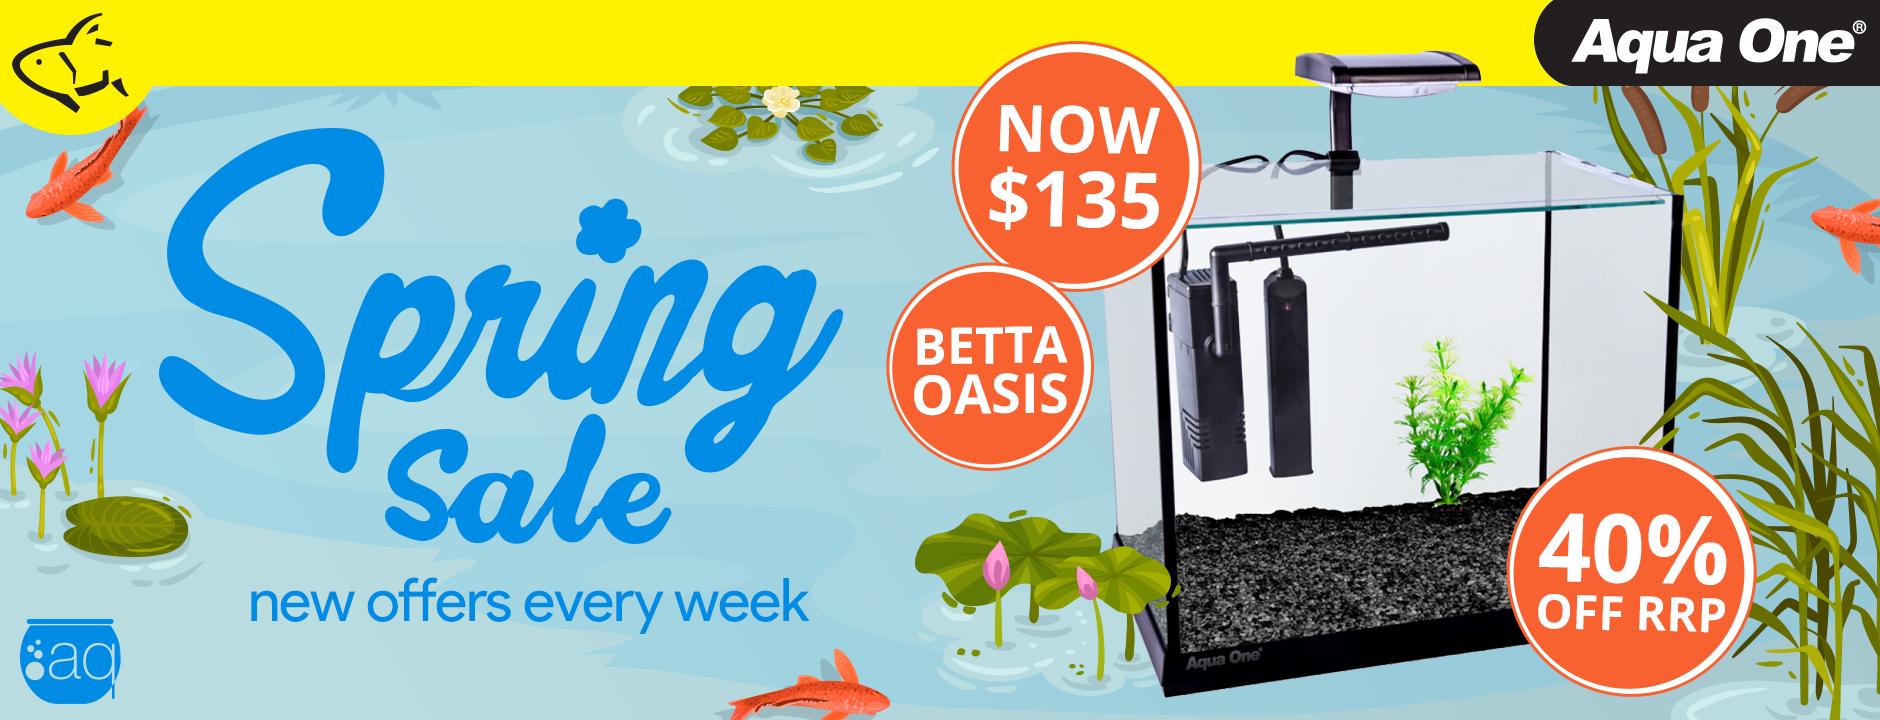 betta-oasis-offer-banner.png